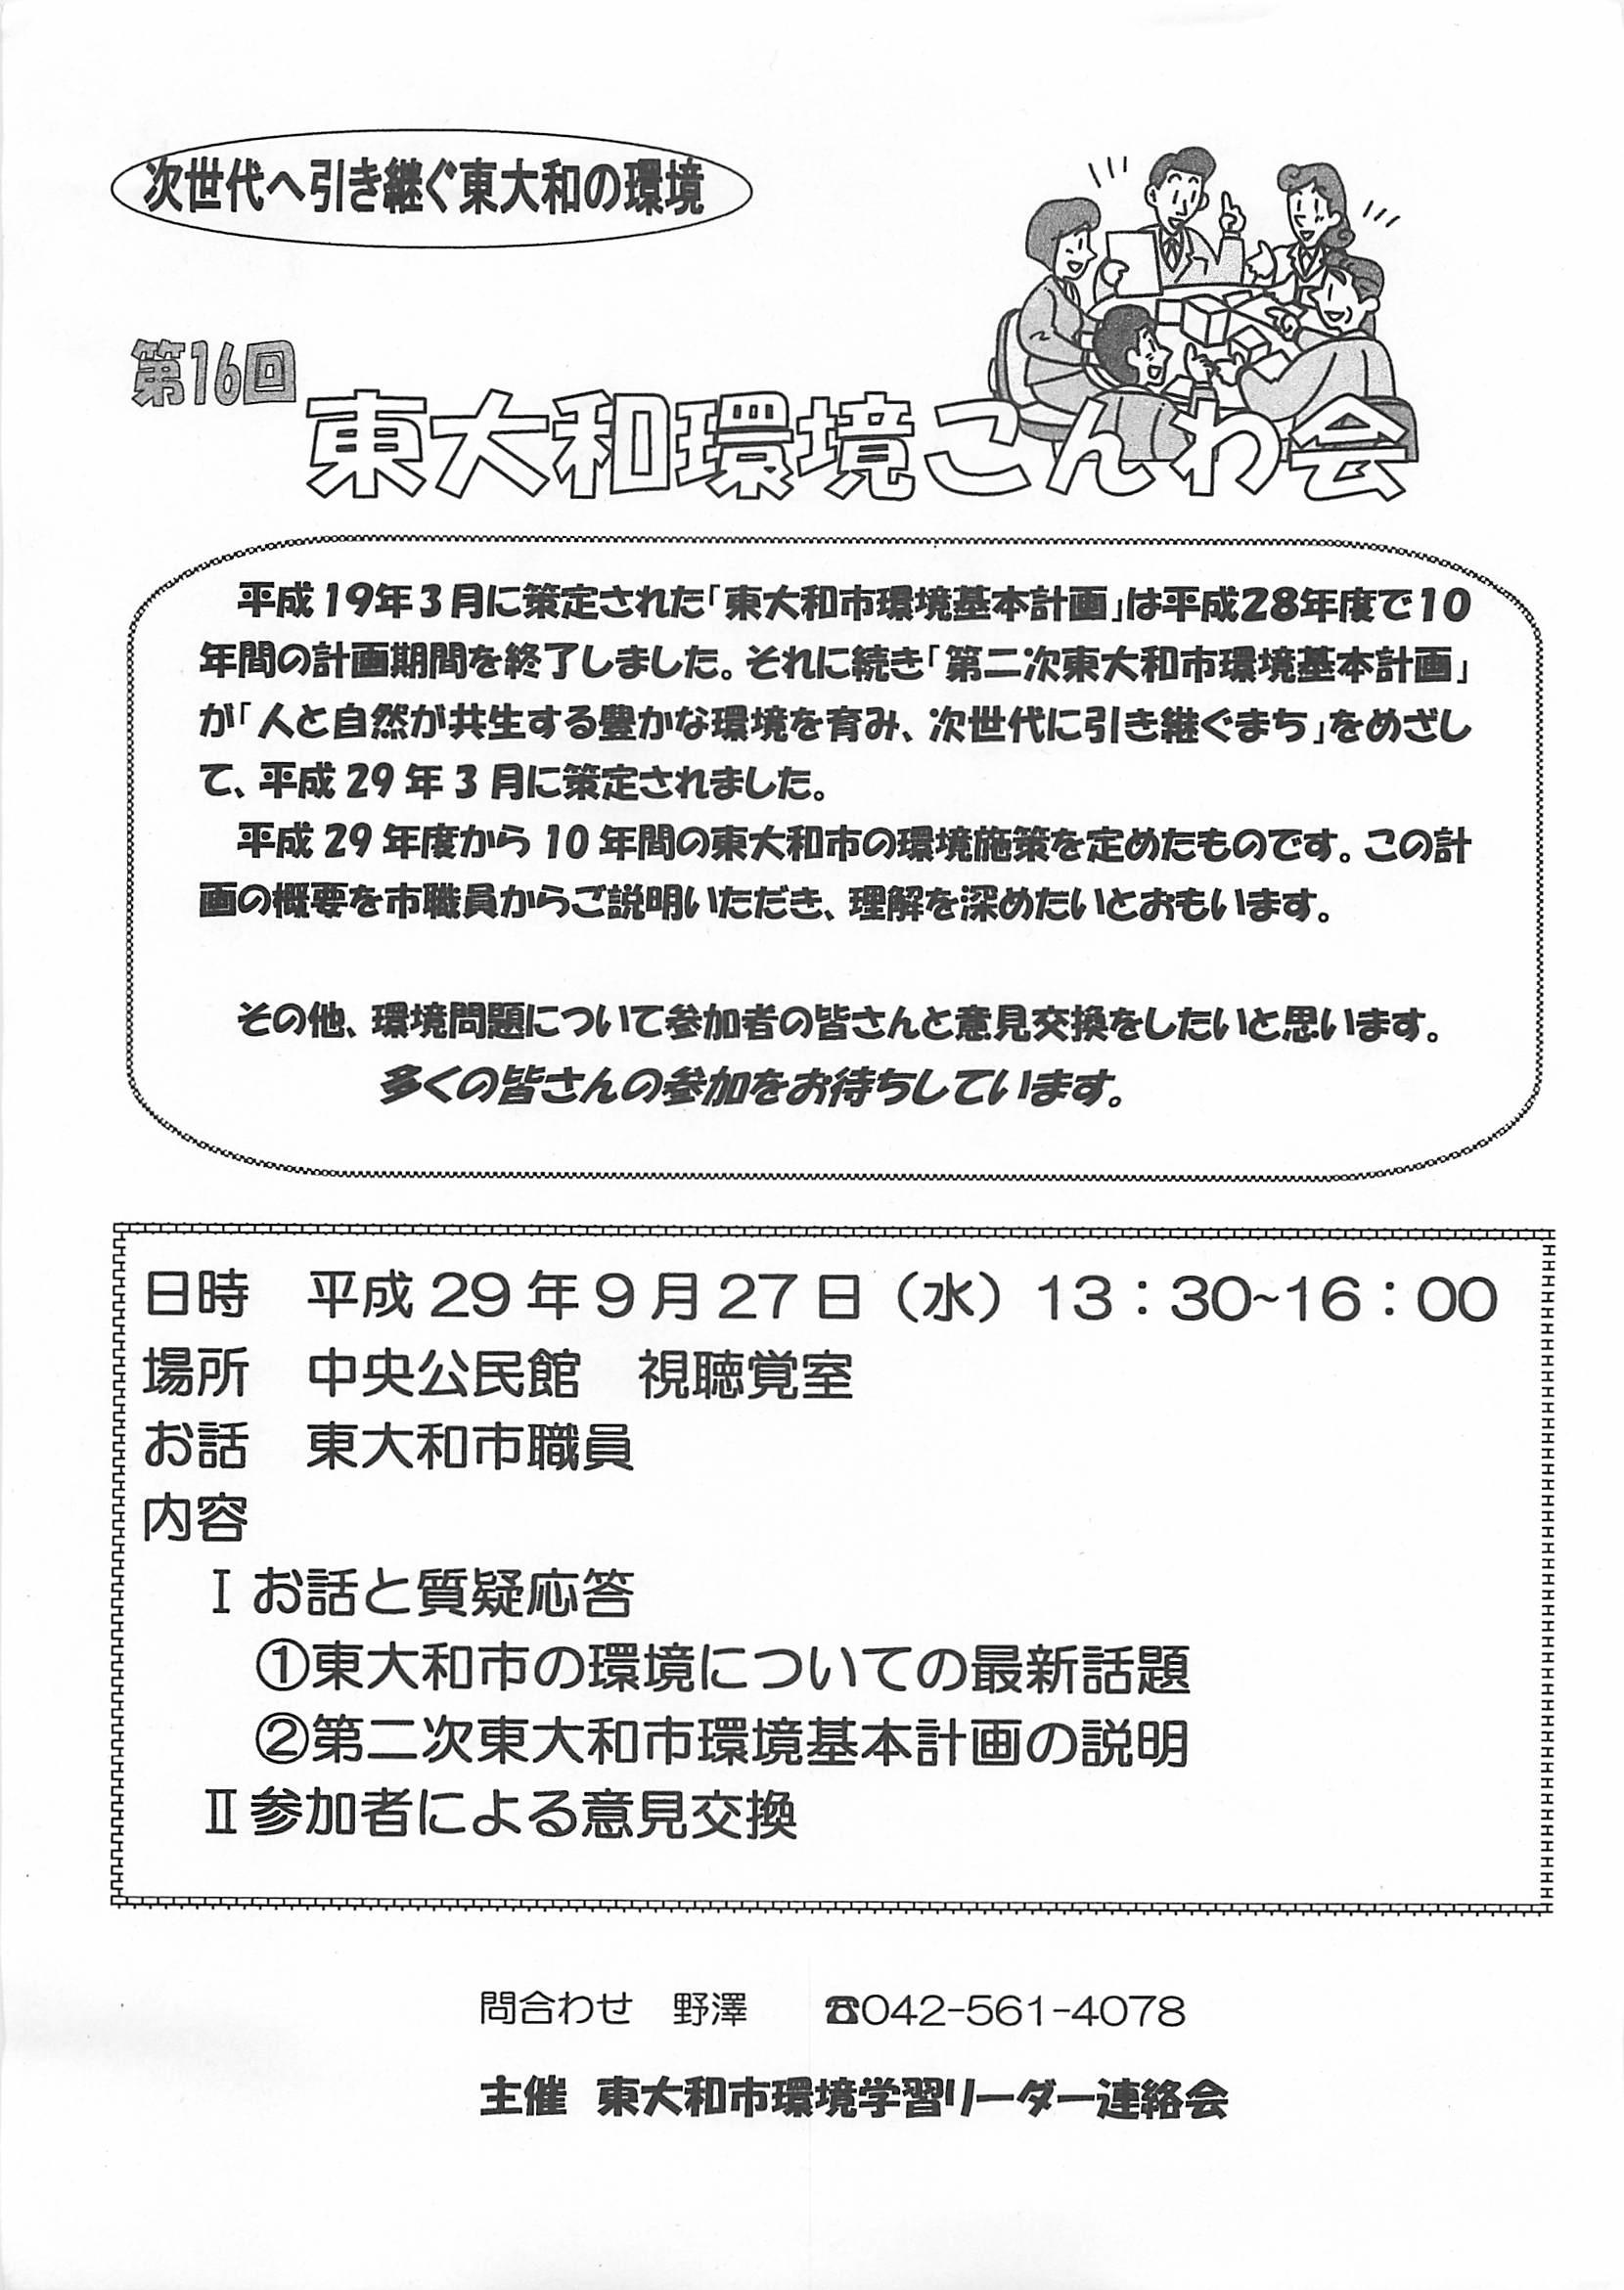 20170927環境こんわ会